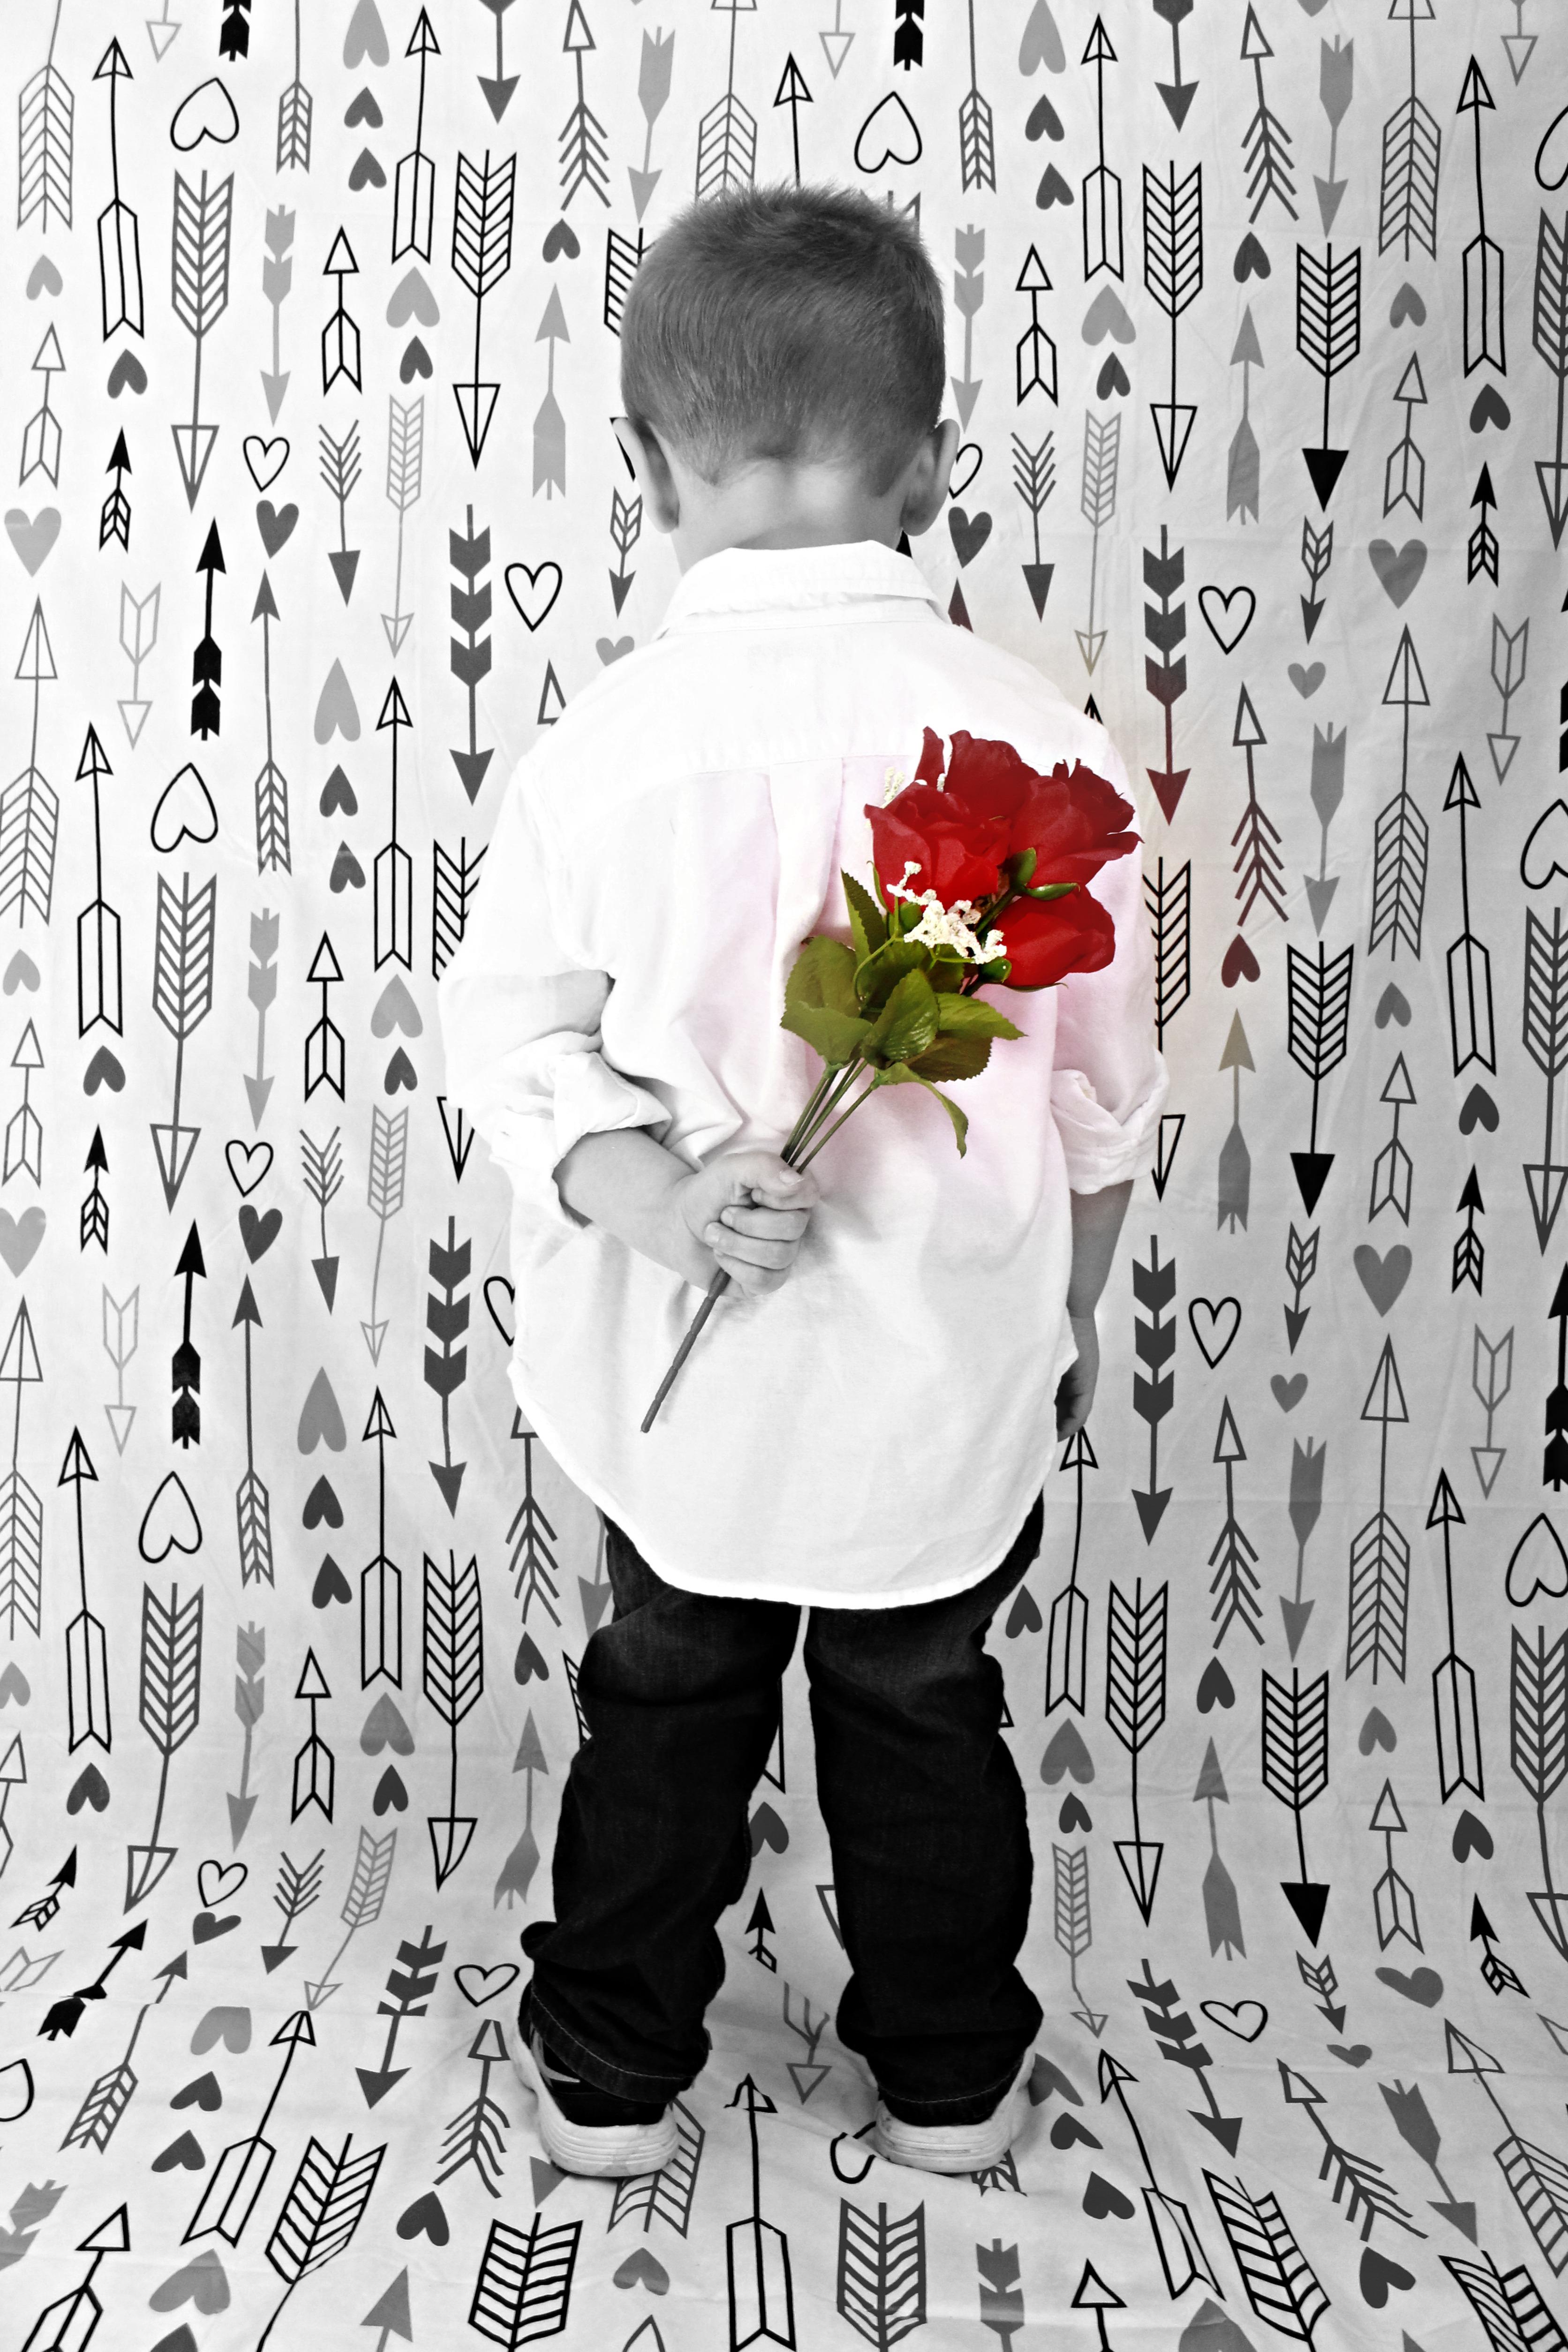 Valentine's day roses by Jenifer Cogburn